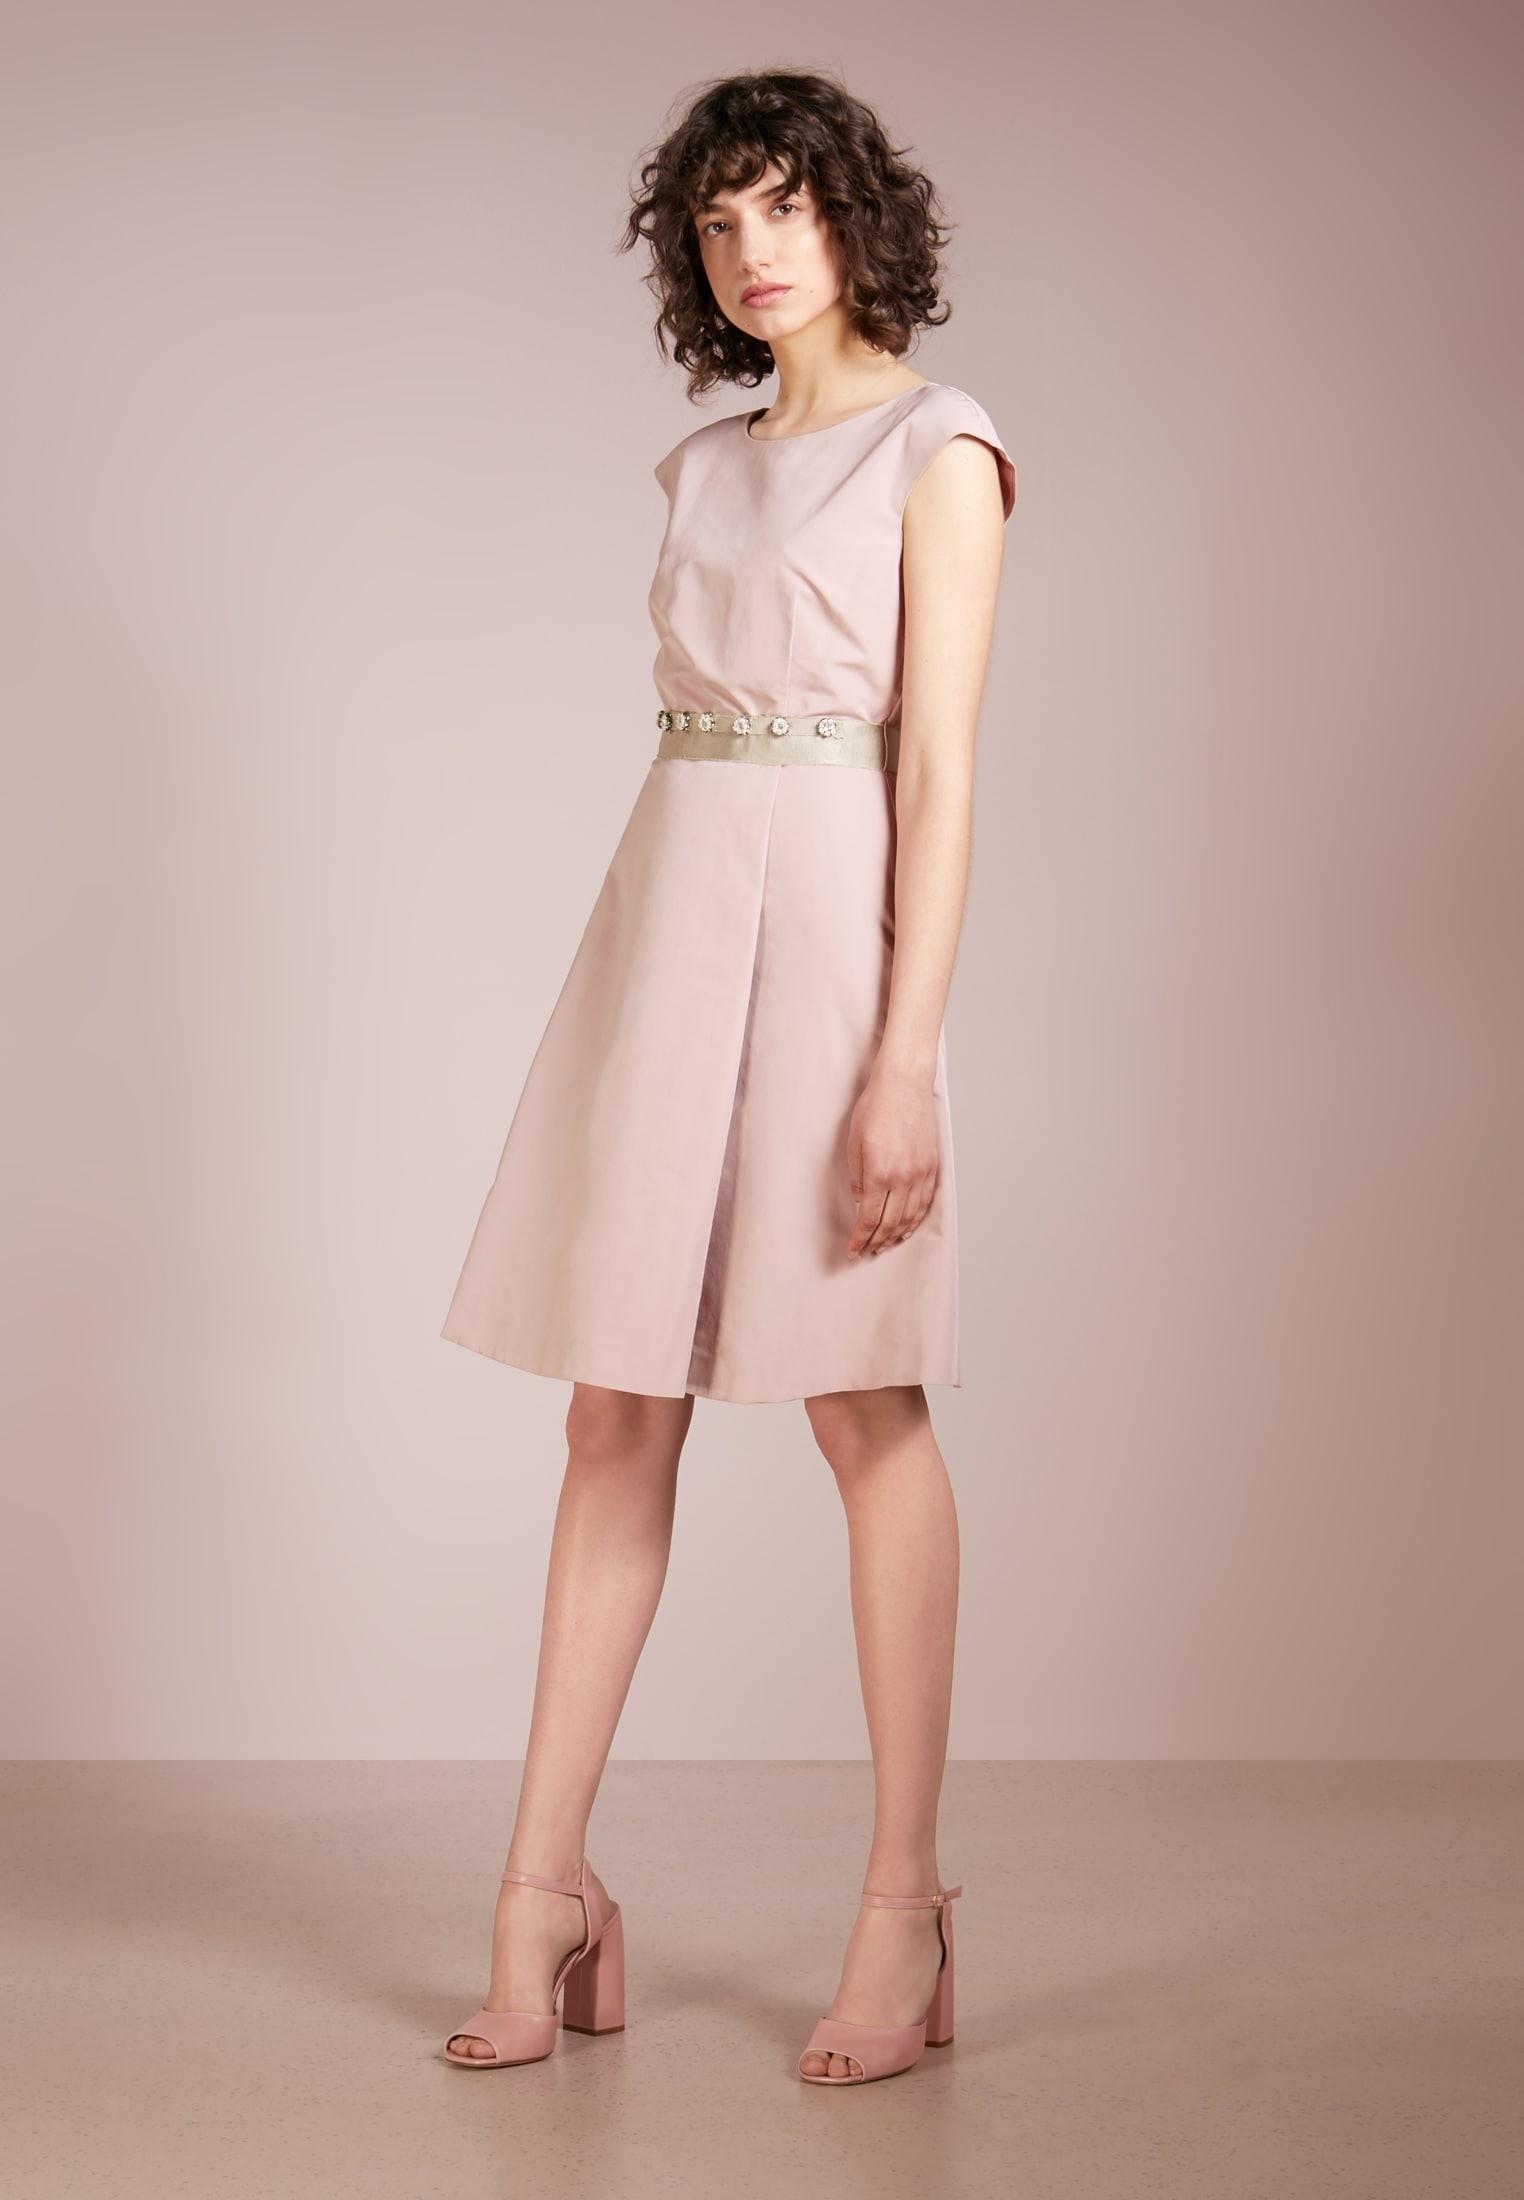 20 Erstaunlich Festliches Kleid Damen Spezialgebiet13 Genial Festliches Kleid Damen Galerie